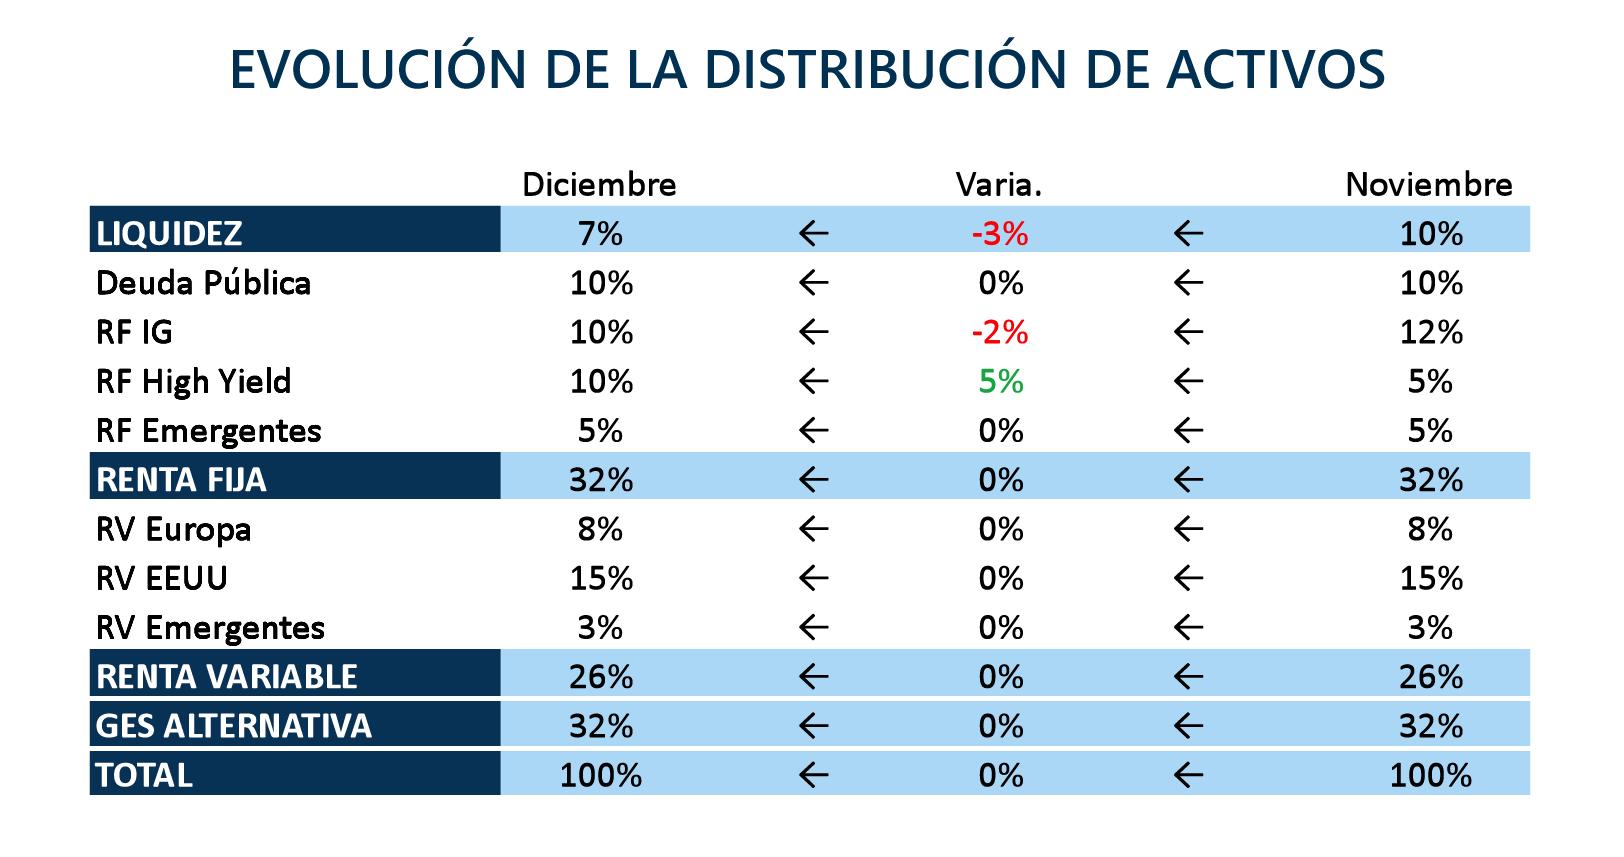 Evolución de la distribución de activos